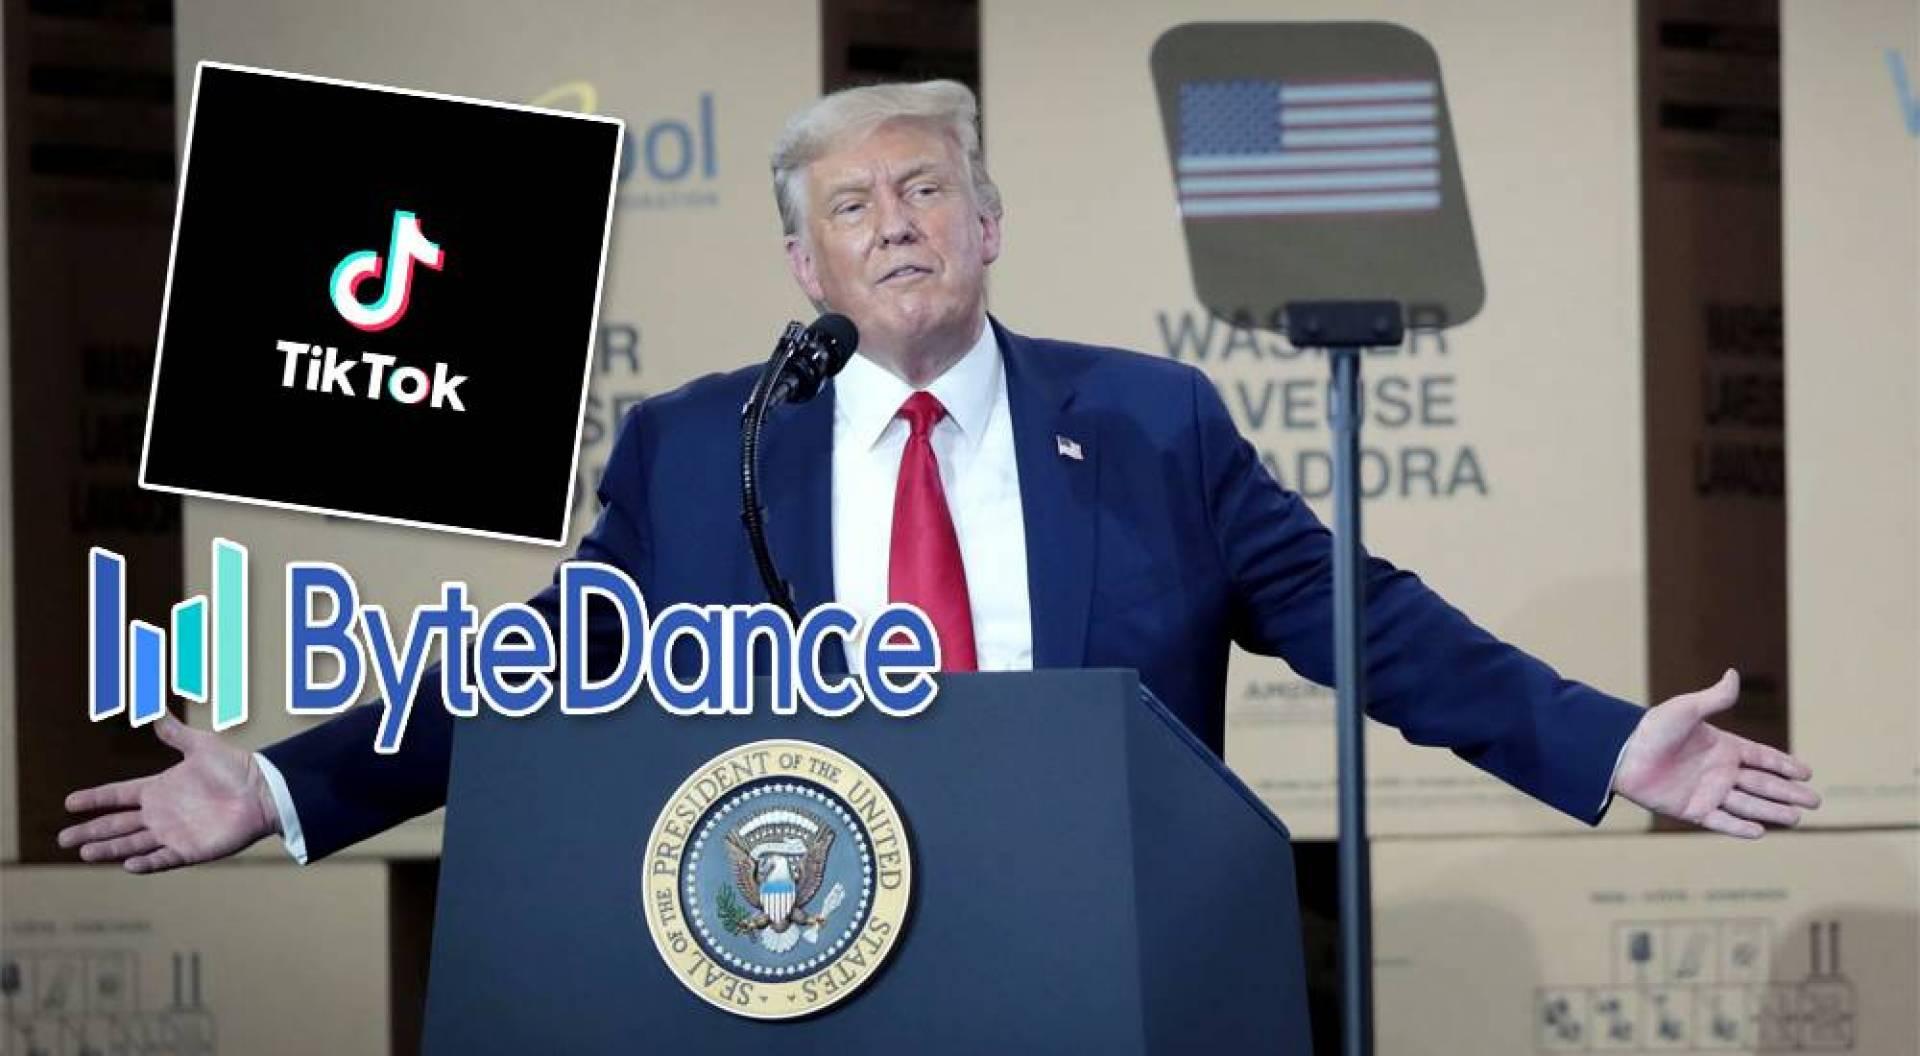 ترامب يحظر التعامل مع الشركات الصينية المالكة لتطبيقي «تيك توك» و «وي تشات»